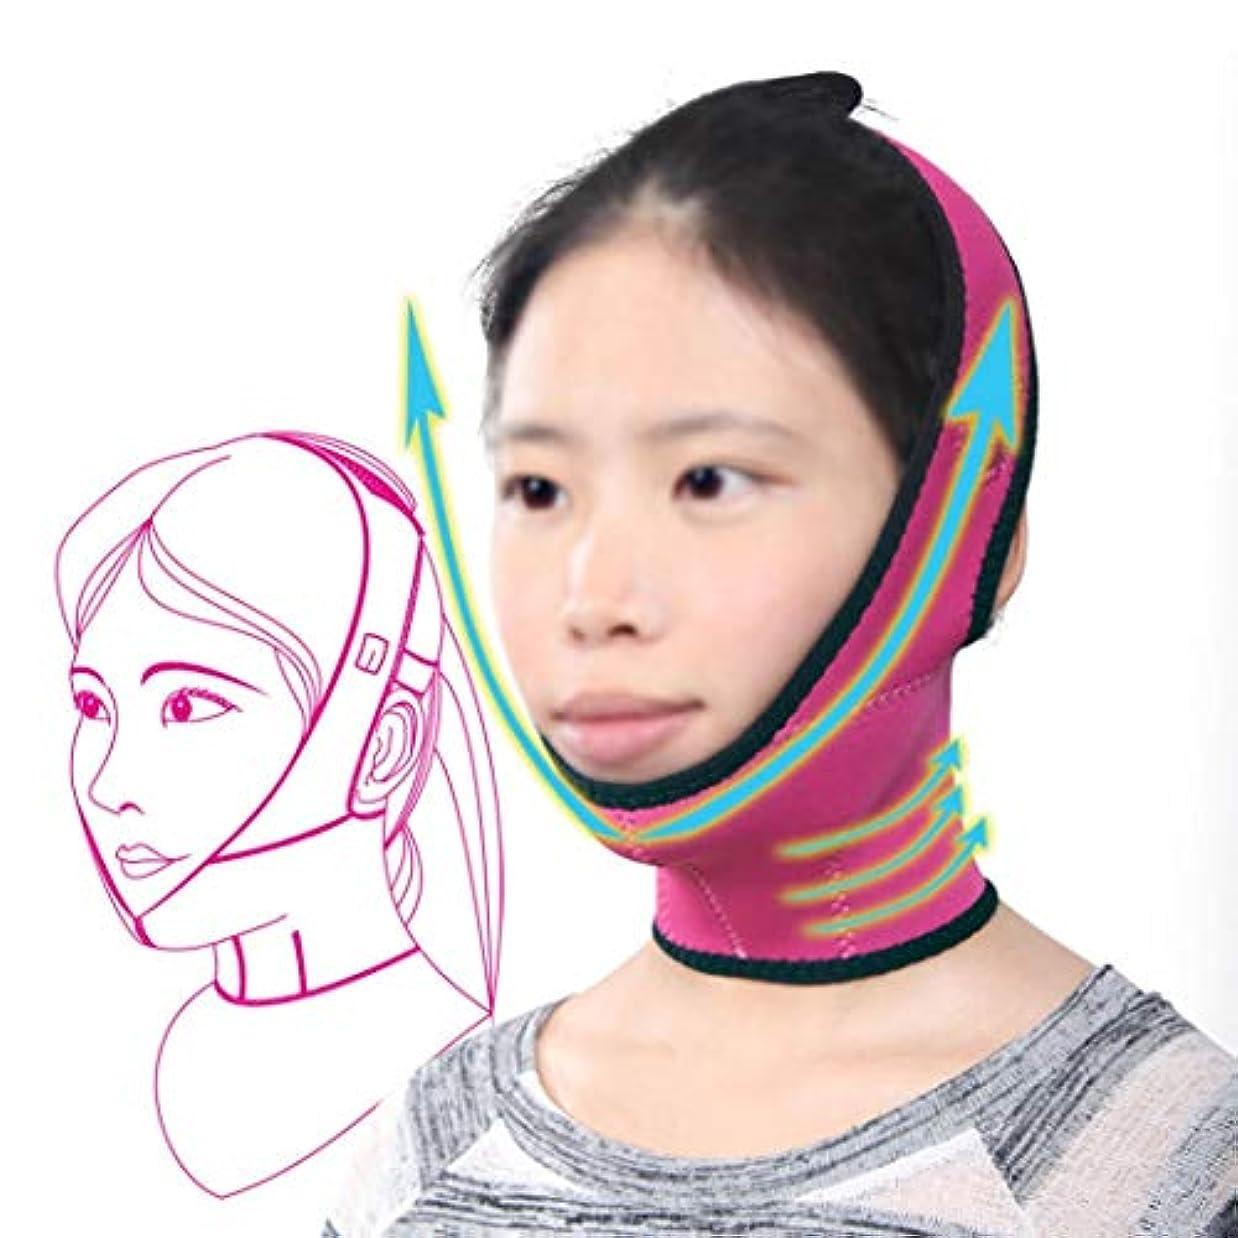 方向意志氷XHLMRMJ フェイスリフトマスク、痩身ベルトフェイスマスク強力なリフティング小さなV顔薄い顔包帯美容フェイスリフティング顔小さな顔薄い顔マスク